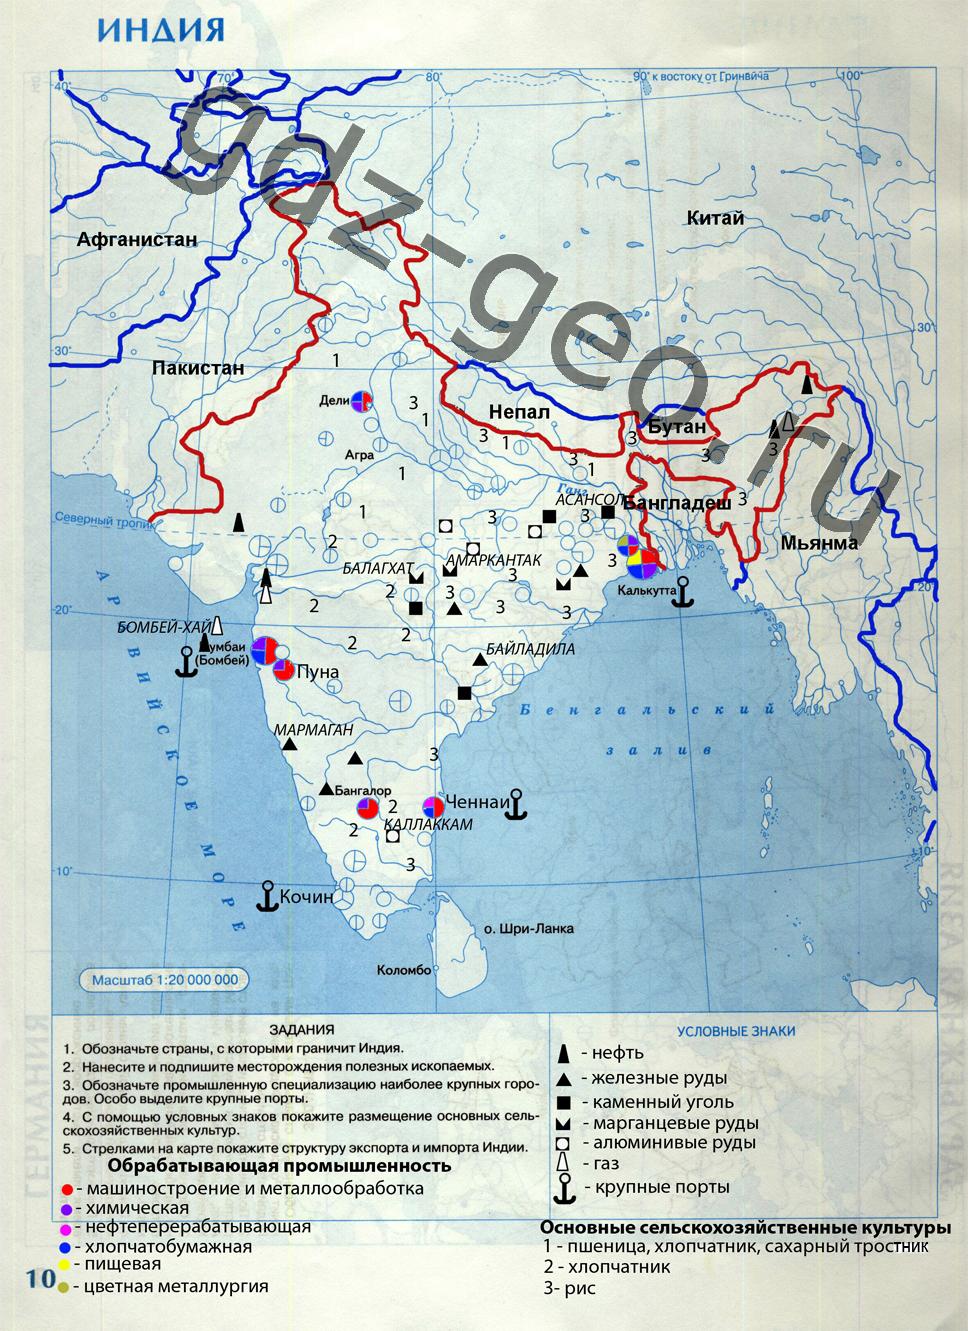 Ощая контурная карта для11 классов по географии